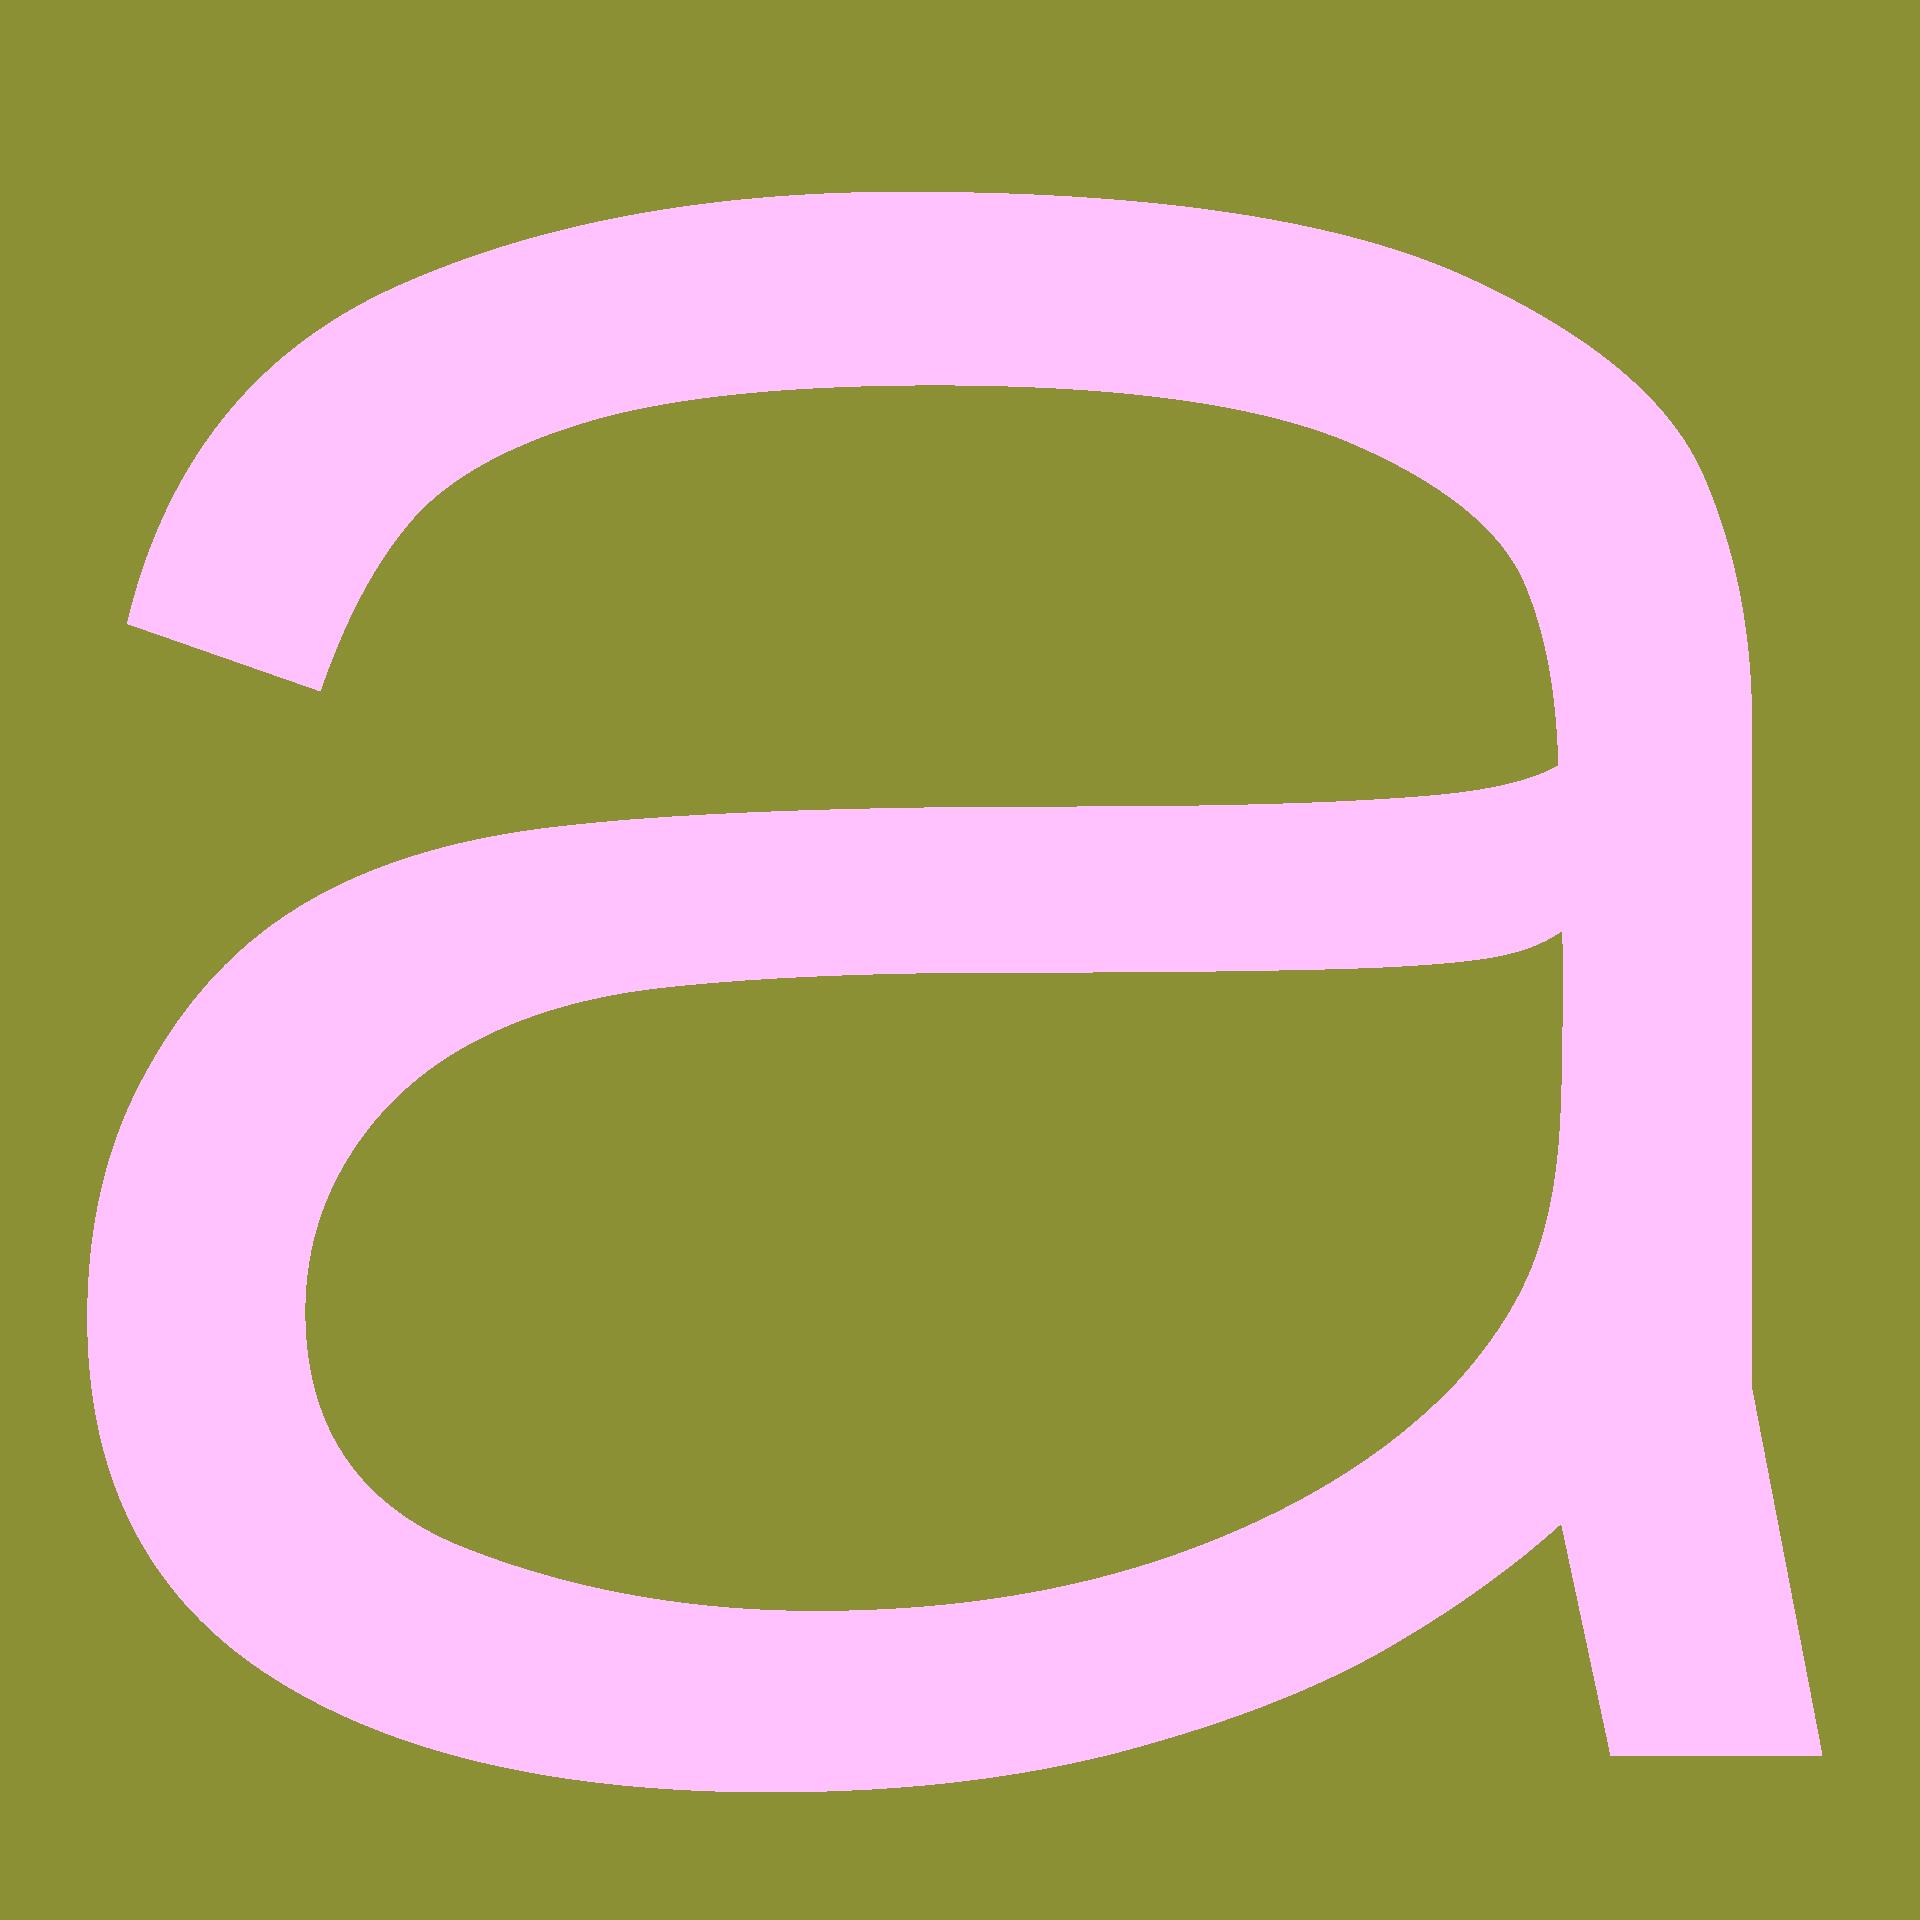 Kritik Typeface a